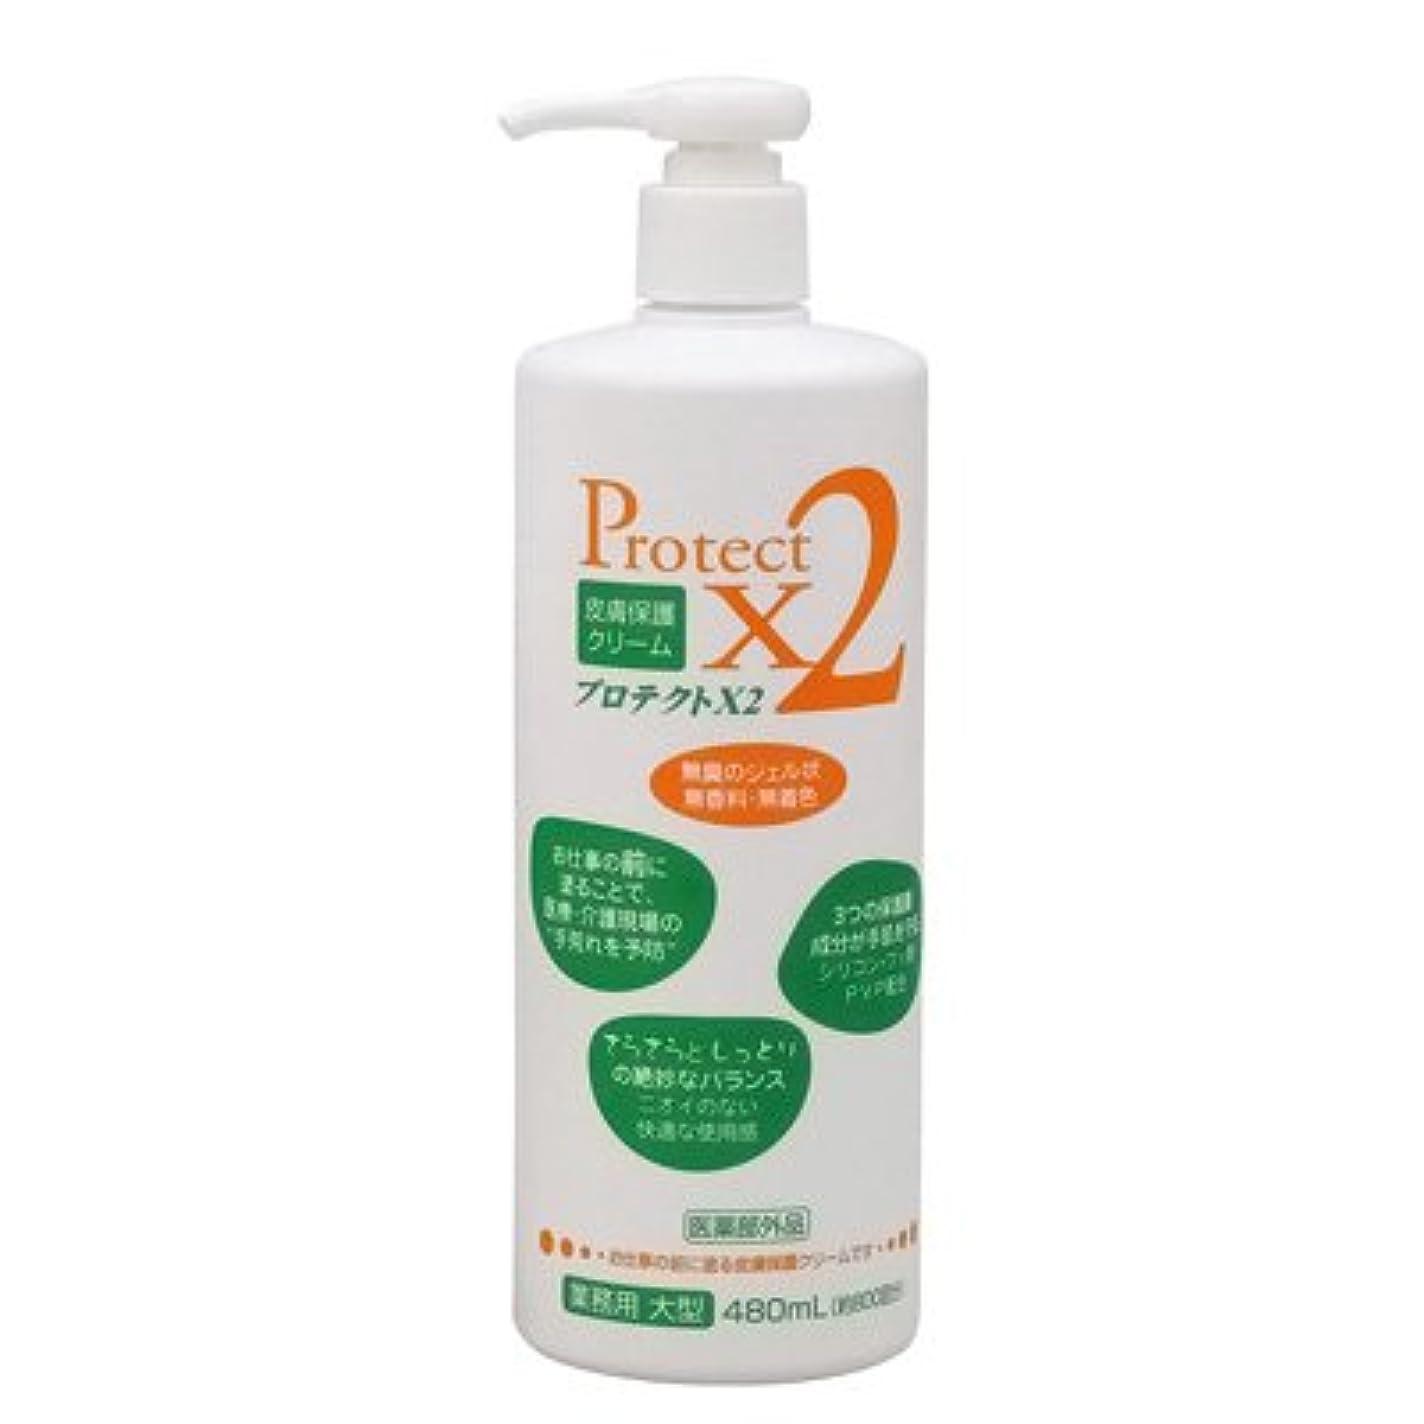 アイザック飼い慣らす一般皮膚保護クリーム プロテクトX2 480ml(大型)